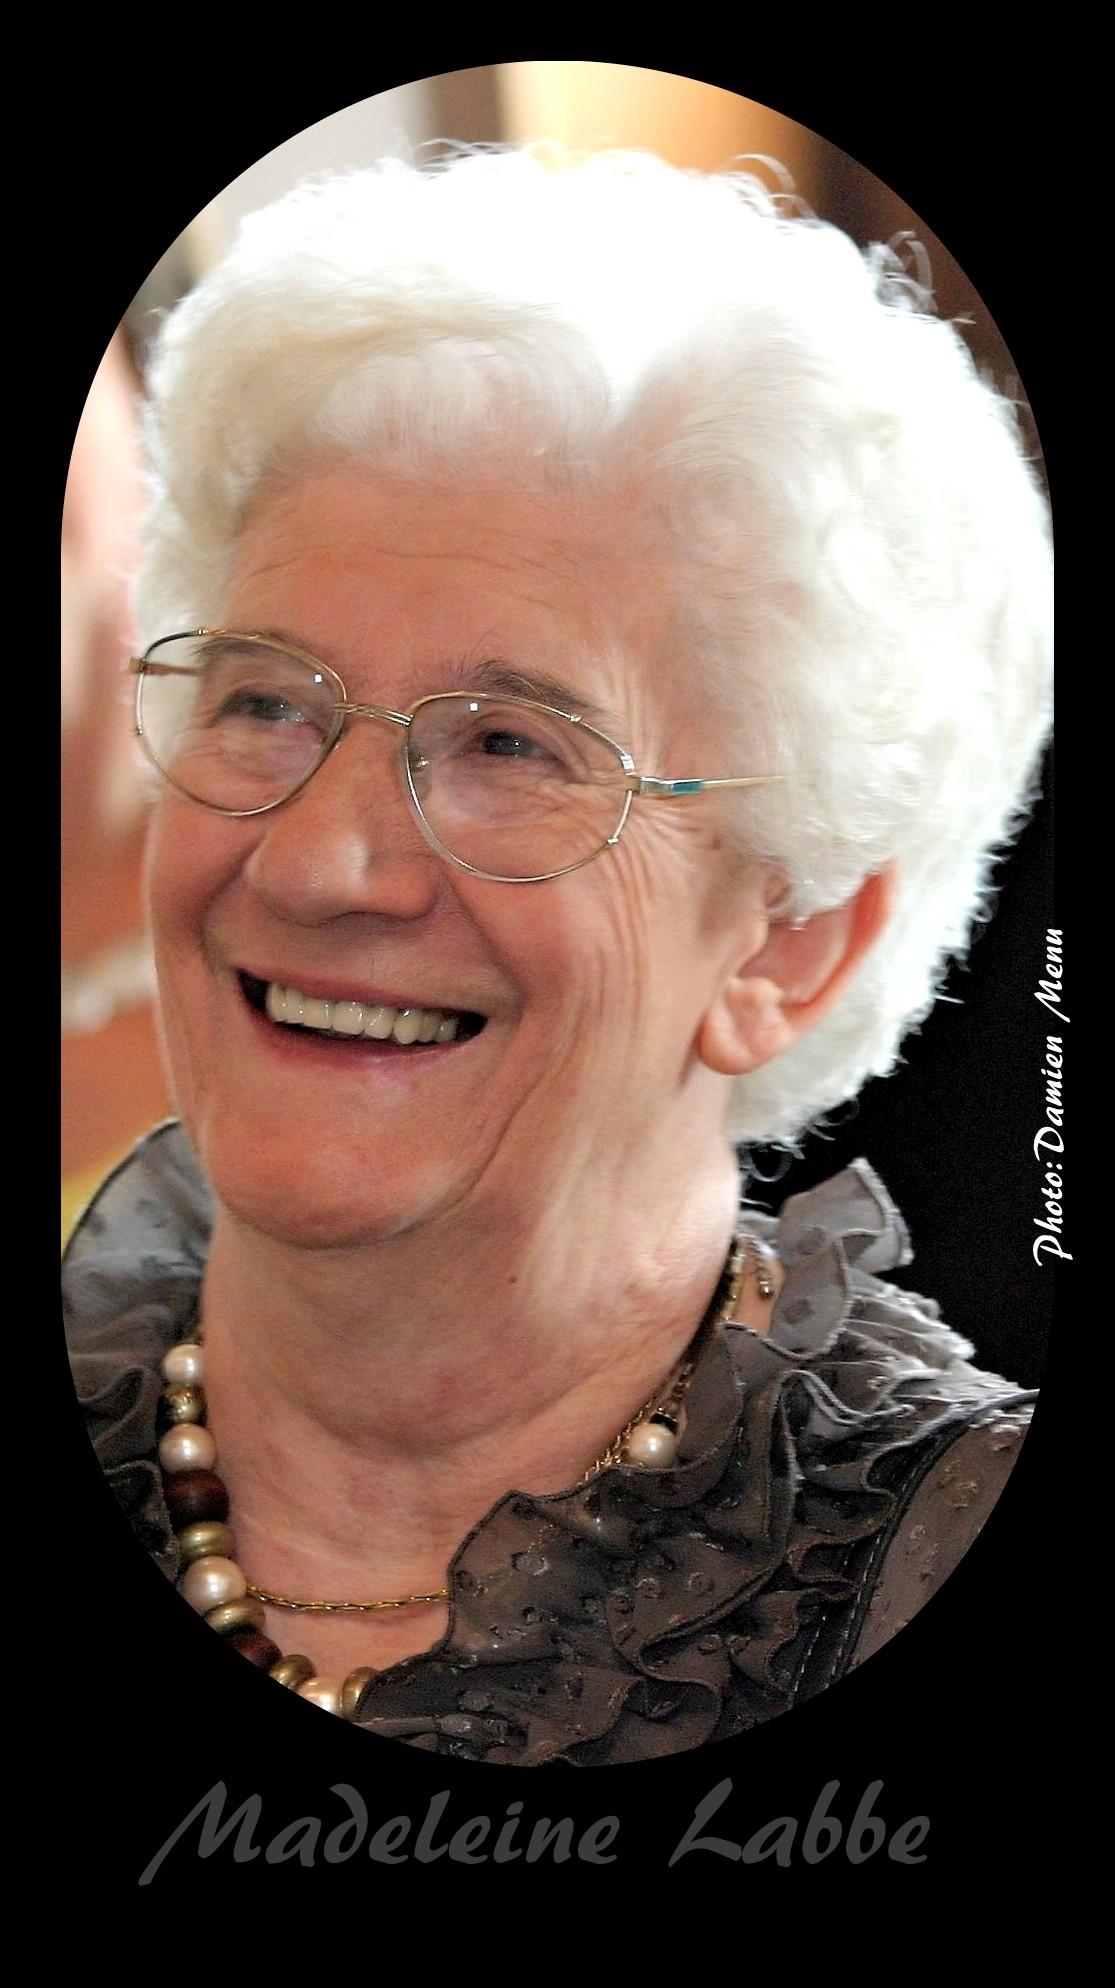 Toute souriante, Madeleine Labbe a tenu durant de nombreuses années un magasin d'alimentation sur la Grand-Place de Ploegsteert..